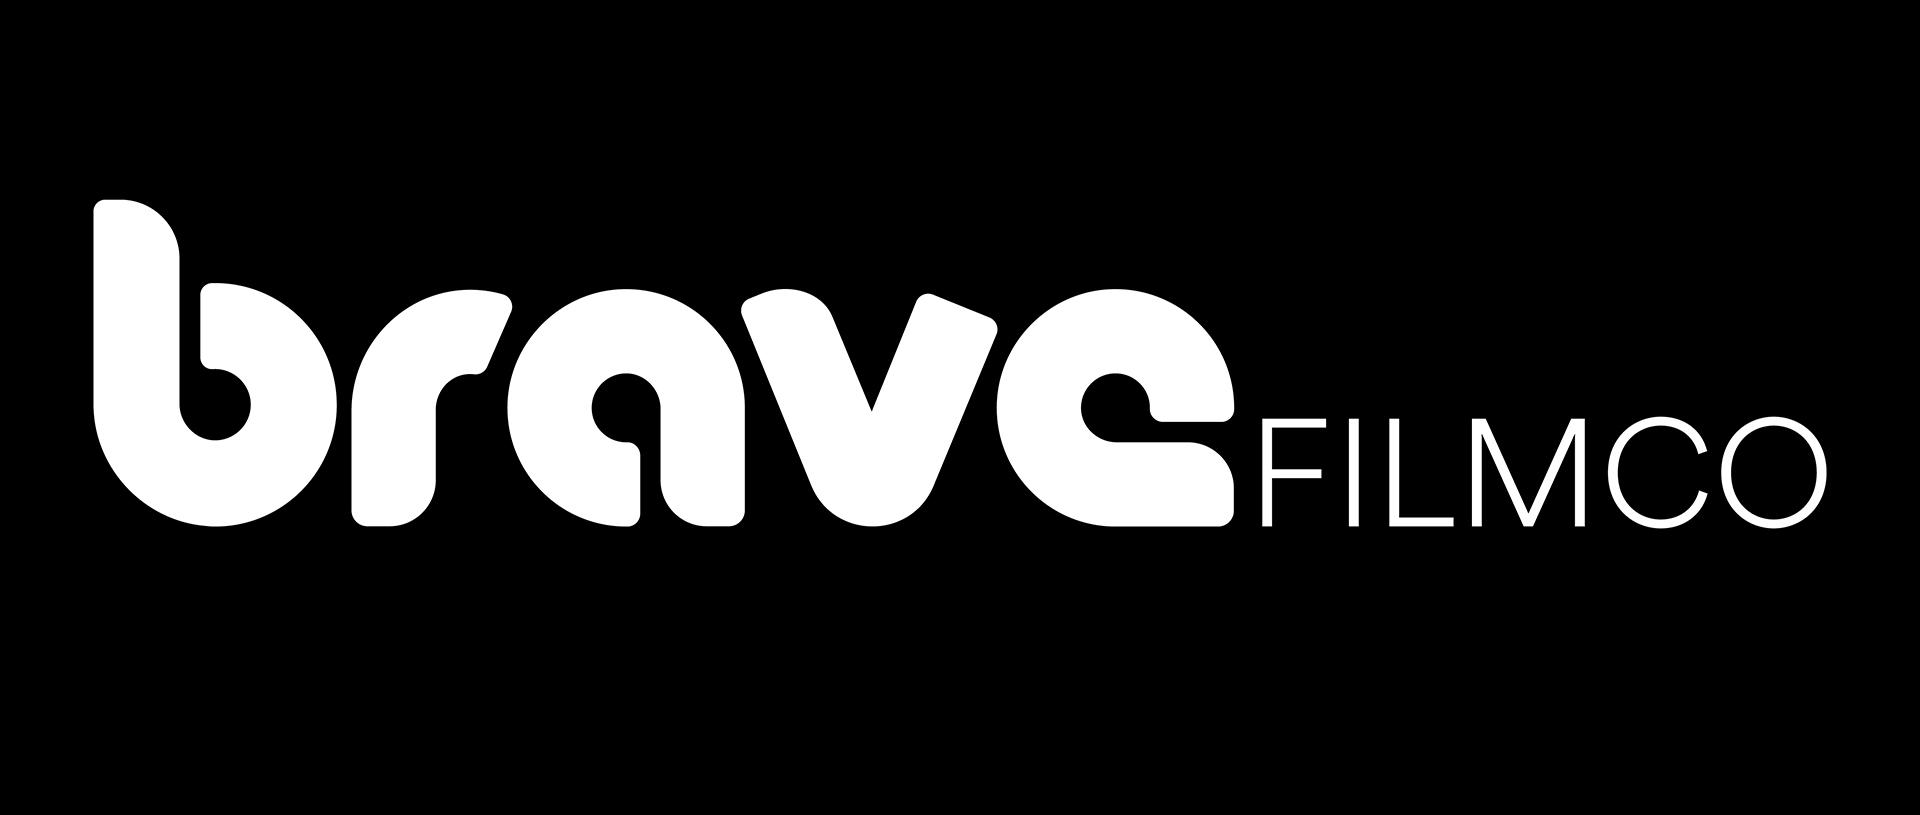 Brave-Filmco Logo.jpg